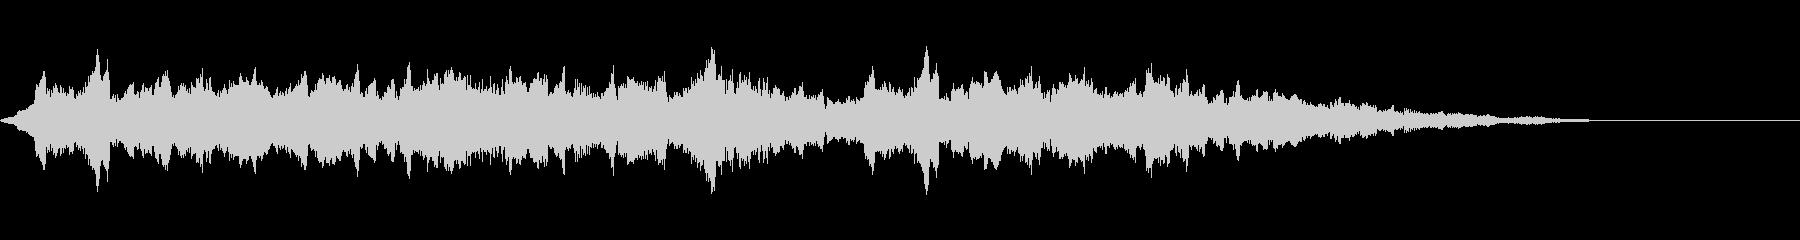 スペース3エイリアンミュージックボックスの未再生の波形